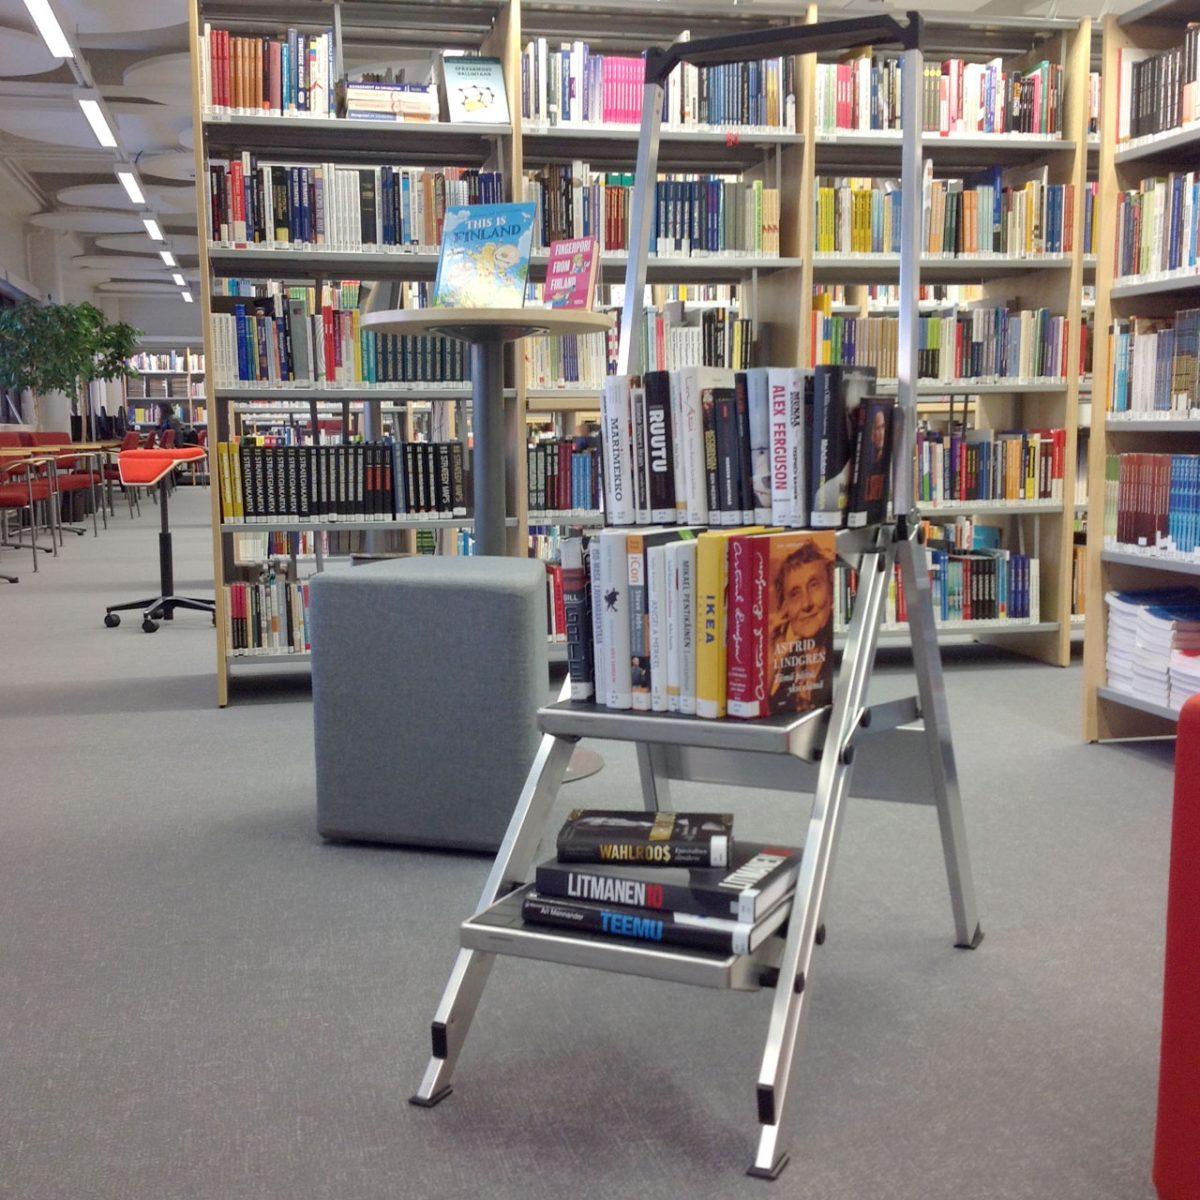 Mitä ne oikein tekevät siellä kirjastossa